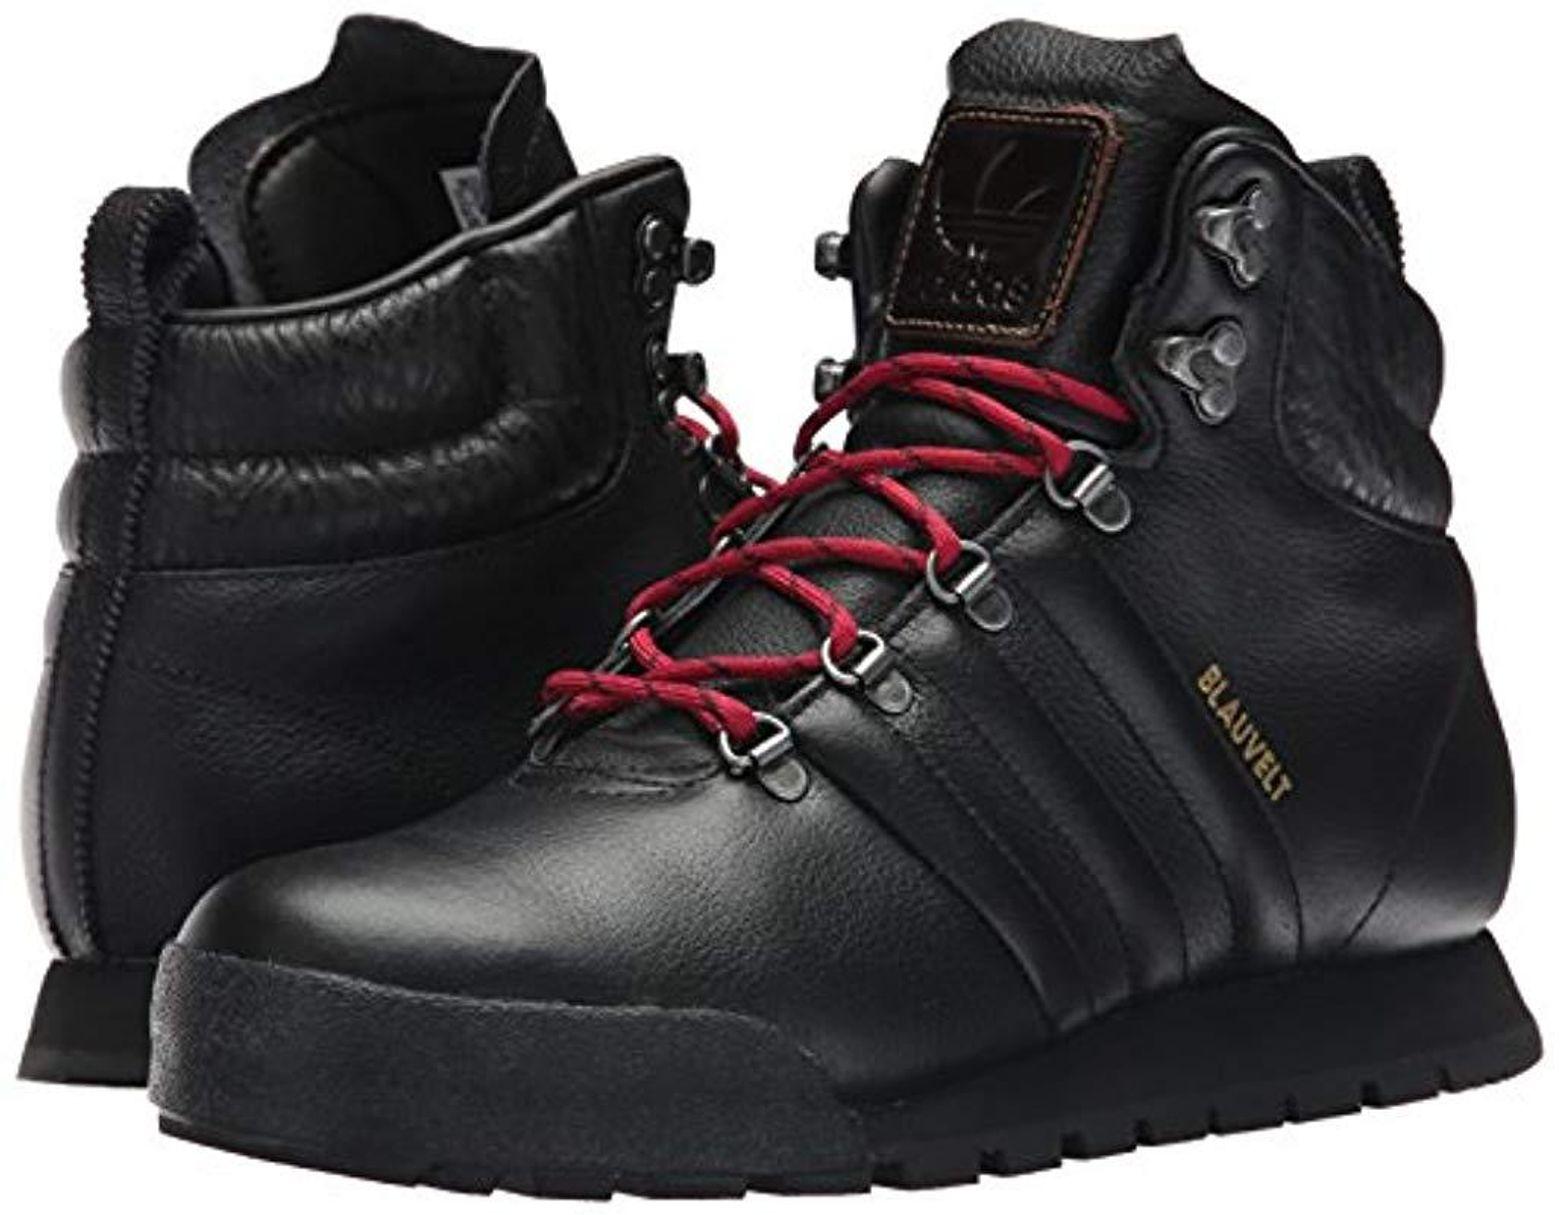 2d4fbd95158 Men's Black The Jake Blauvelt Running Shoe